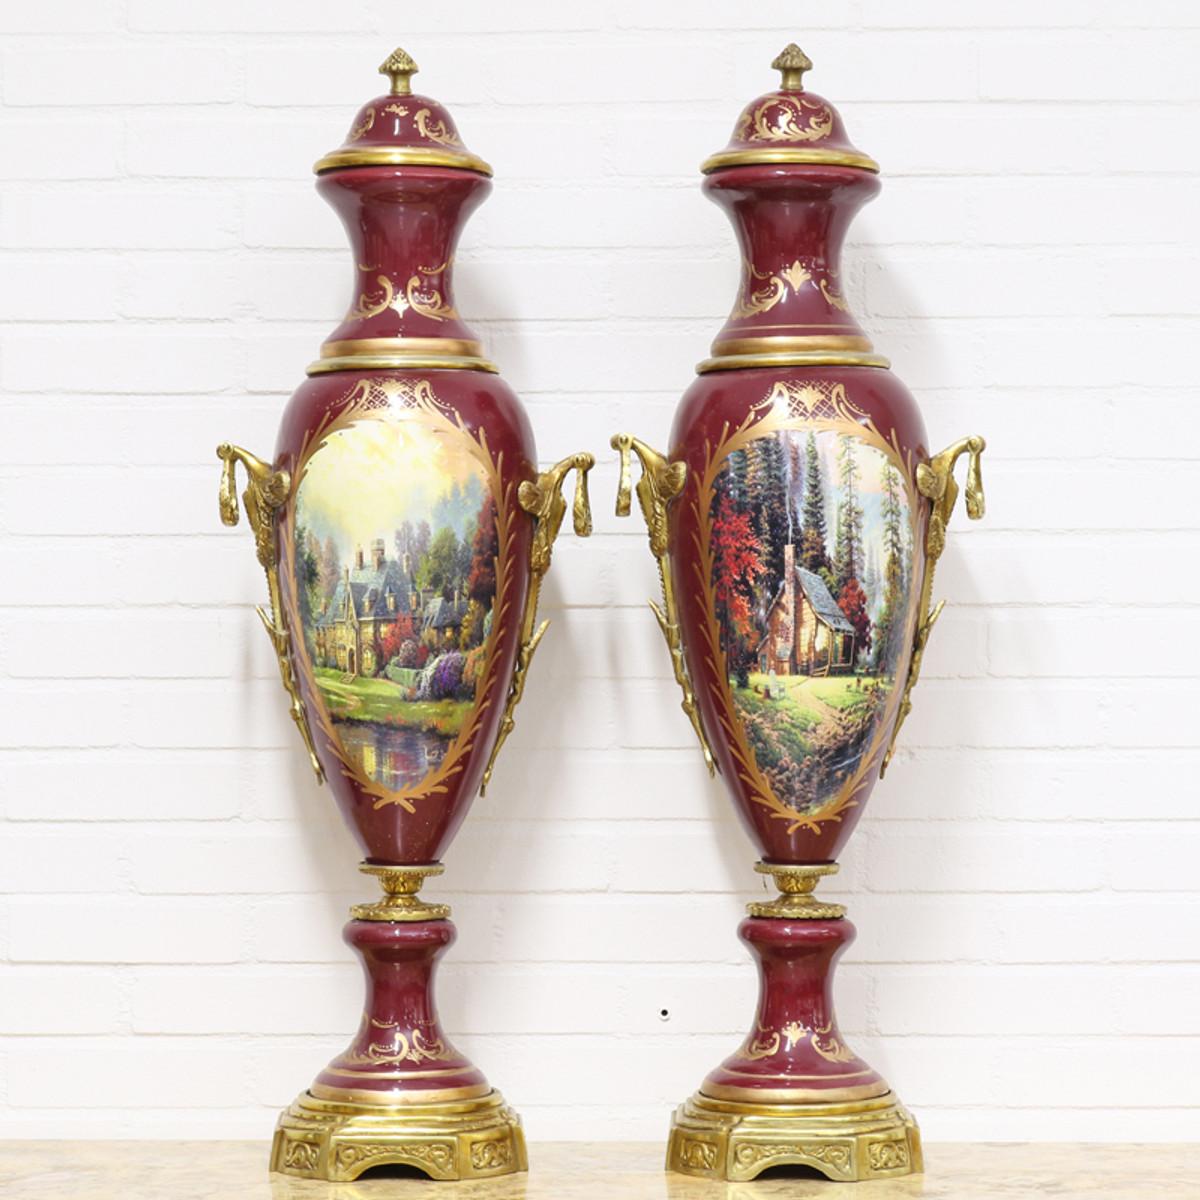 Casa Padrino Deko Vasen Bordeauxrot / Gold 30 x H. 100 cm - Barockstil Porzellan Vasen Set 1